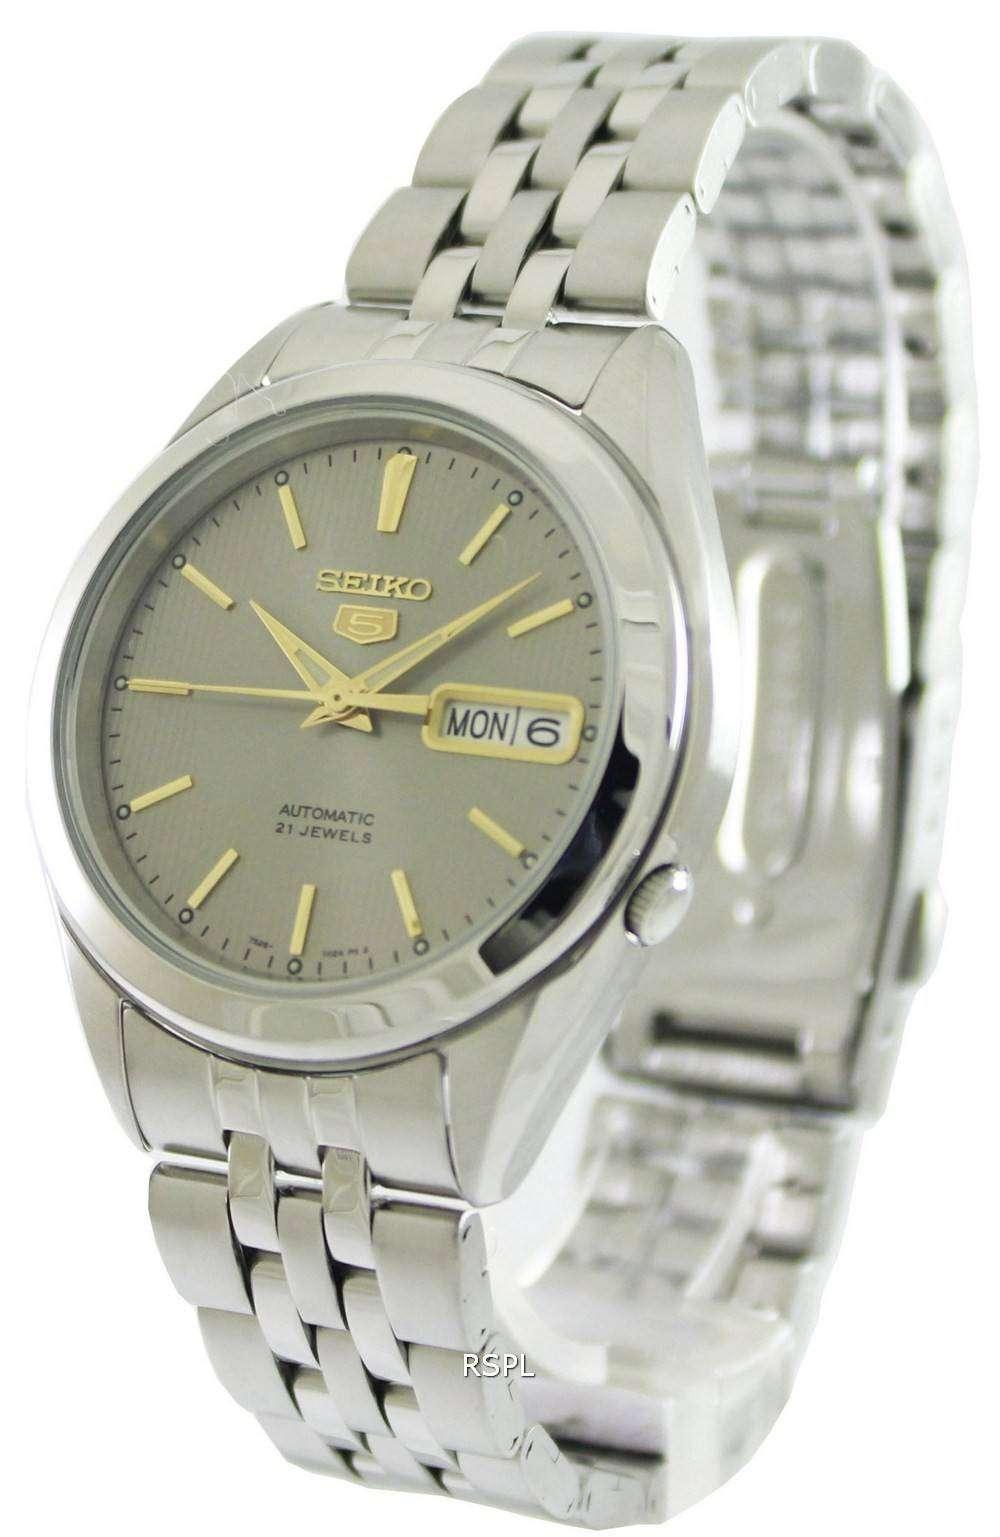 dba89aeaf72 Seiko 5 Automatic 21 Jewels SNKL19K1 SNKL19K Mens Watch -